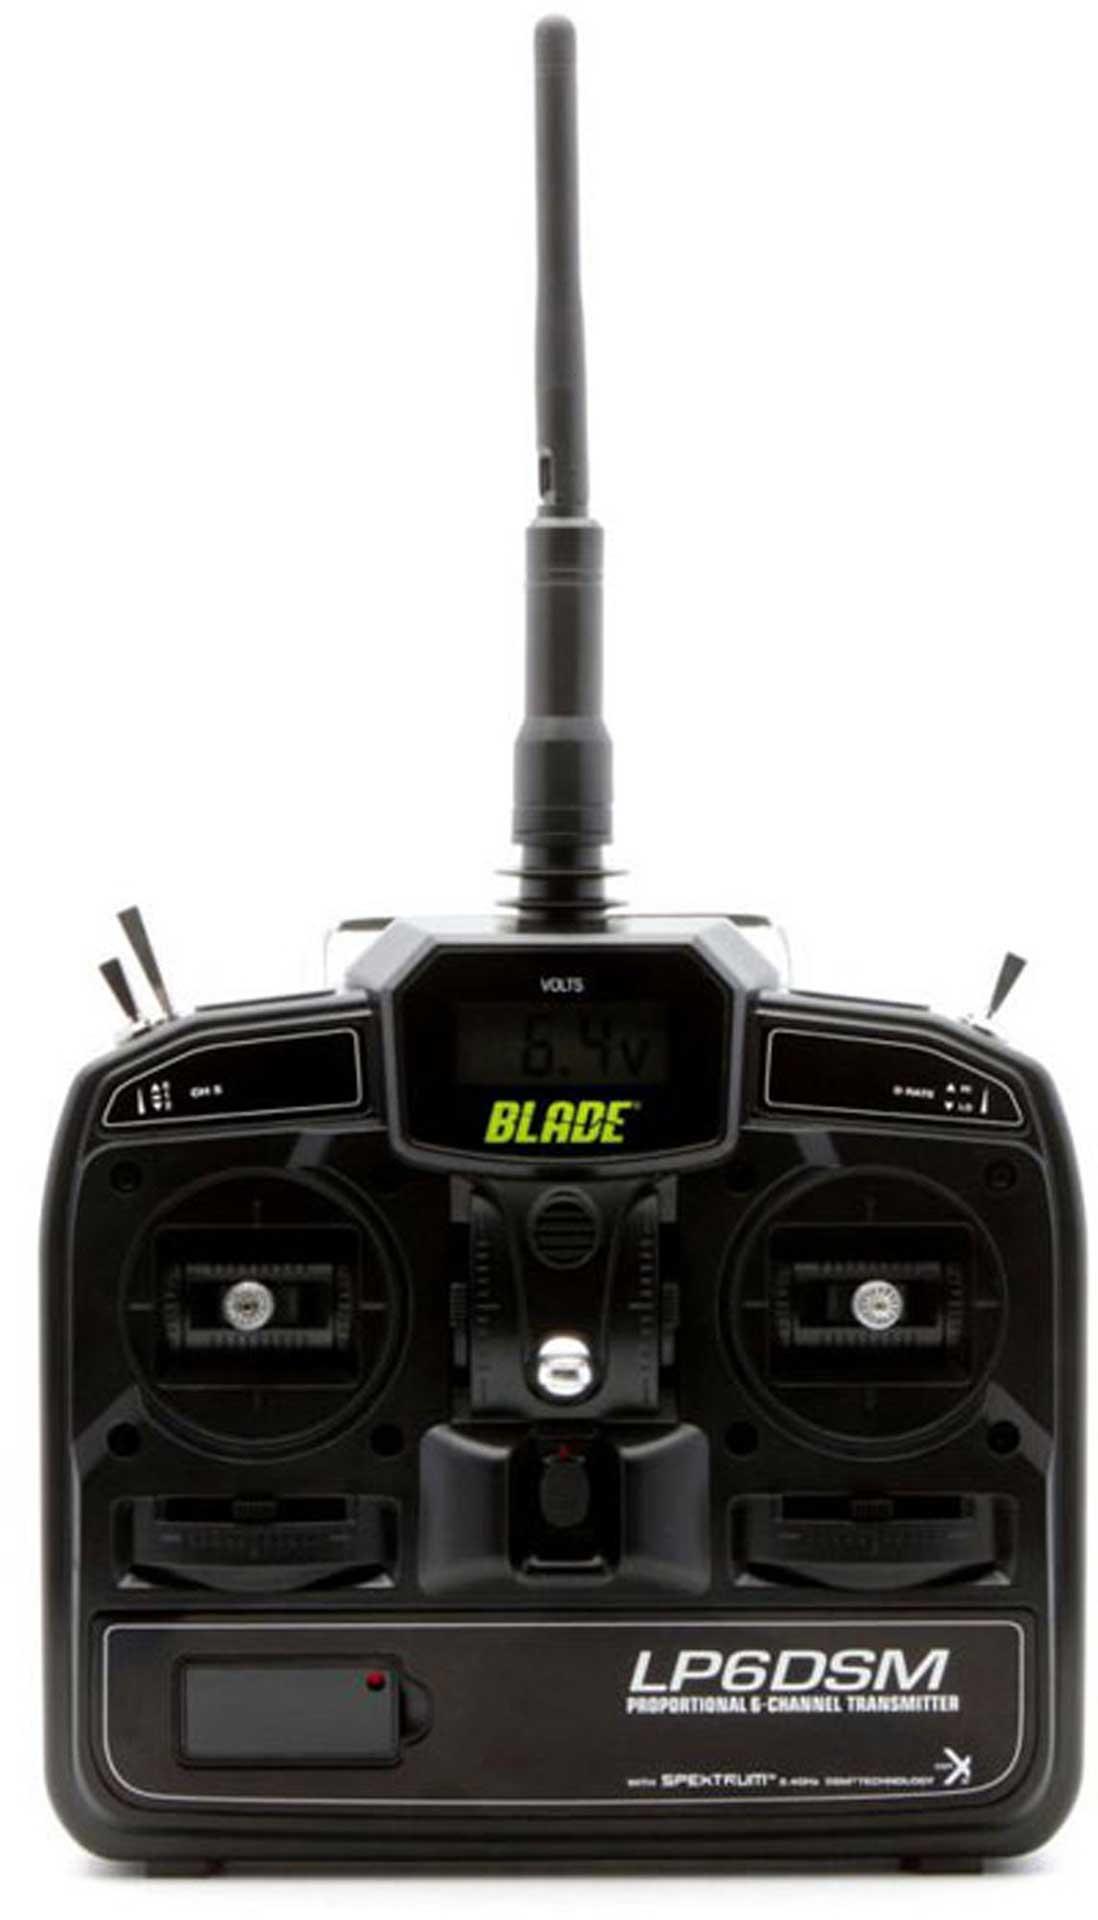 BLADE (E-FLITE) LP6DSM M. SAFE FUNKTION BLADE 200 SR X